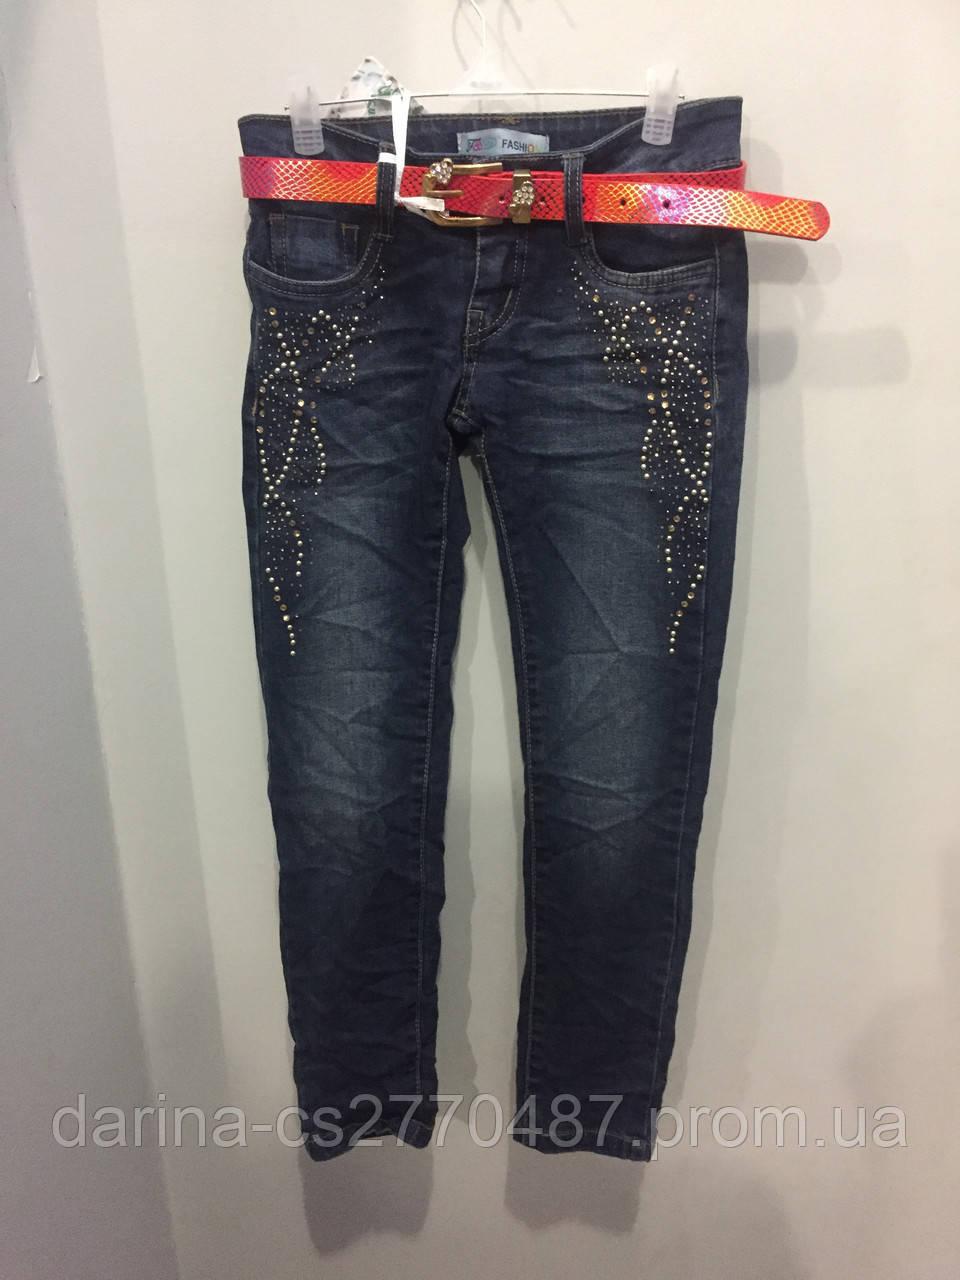 Подростковые джинсовые брюки на девочку 134,152,158,164 см